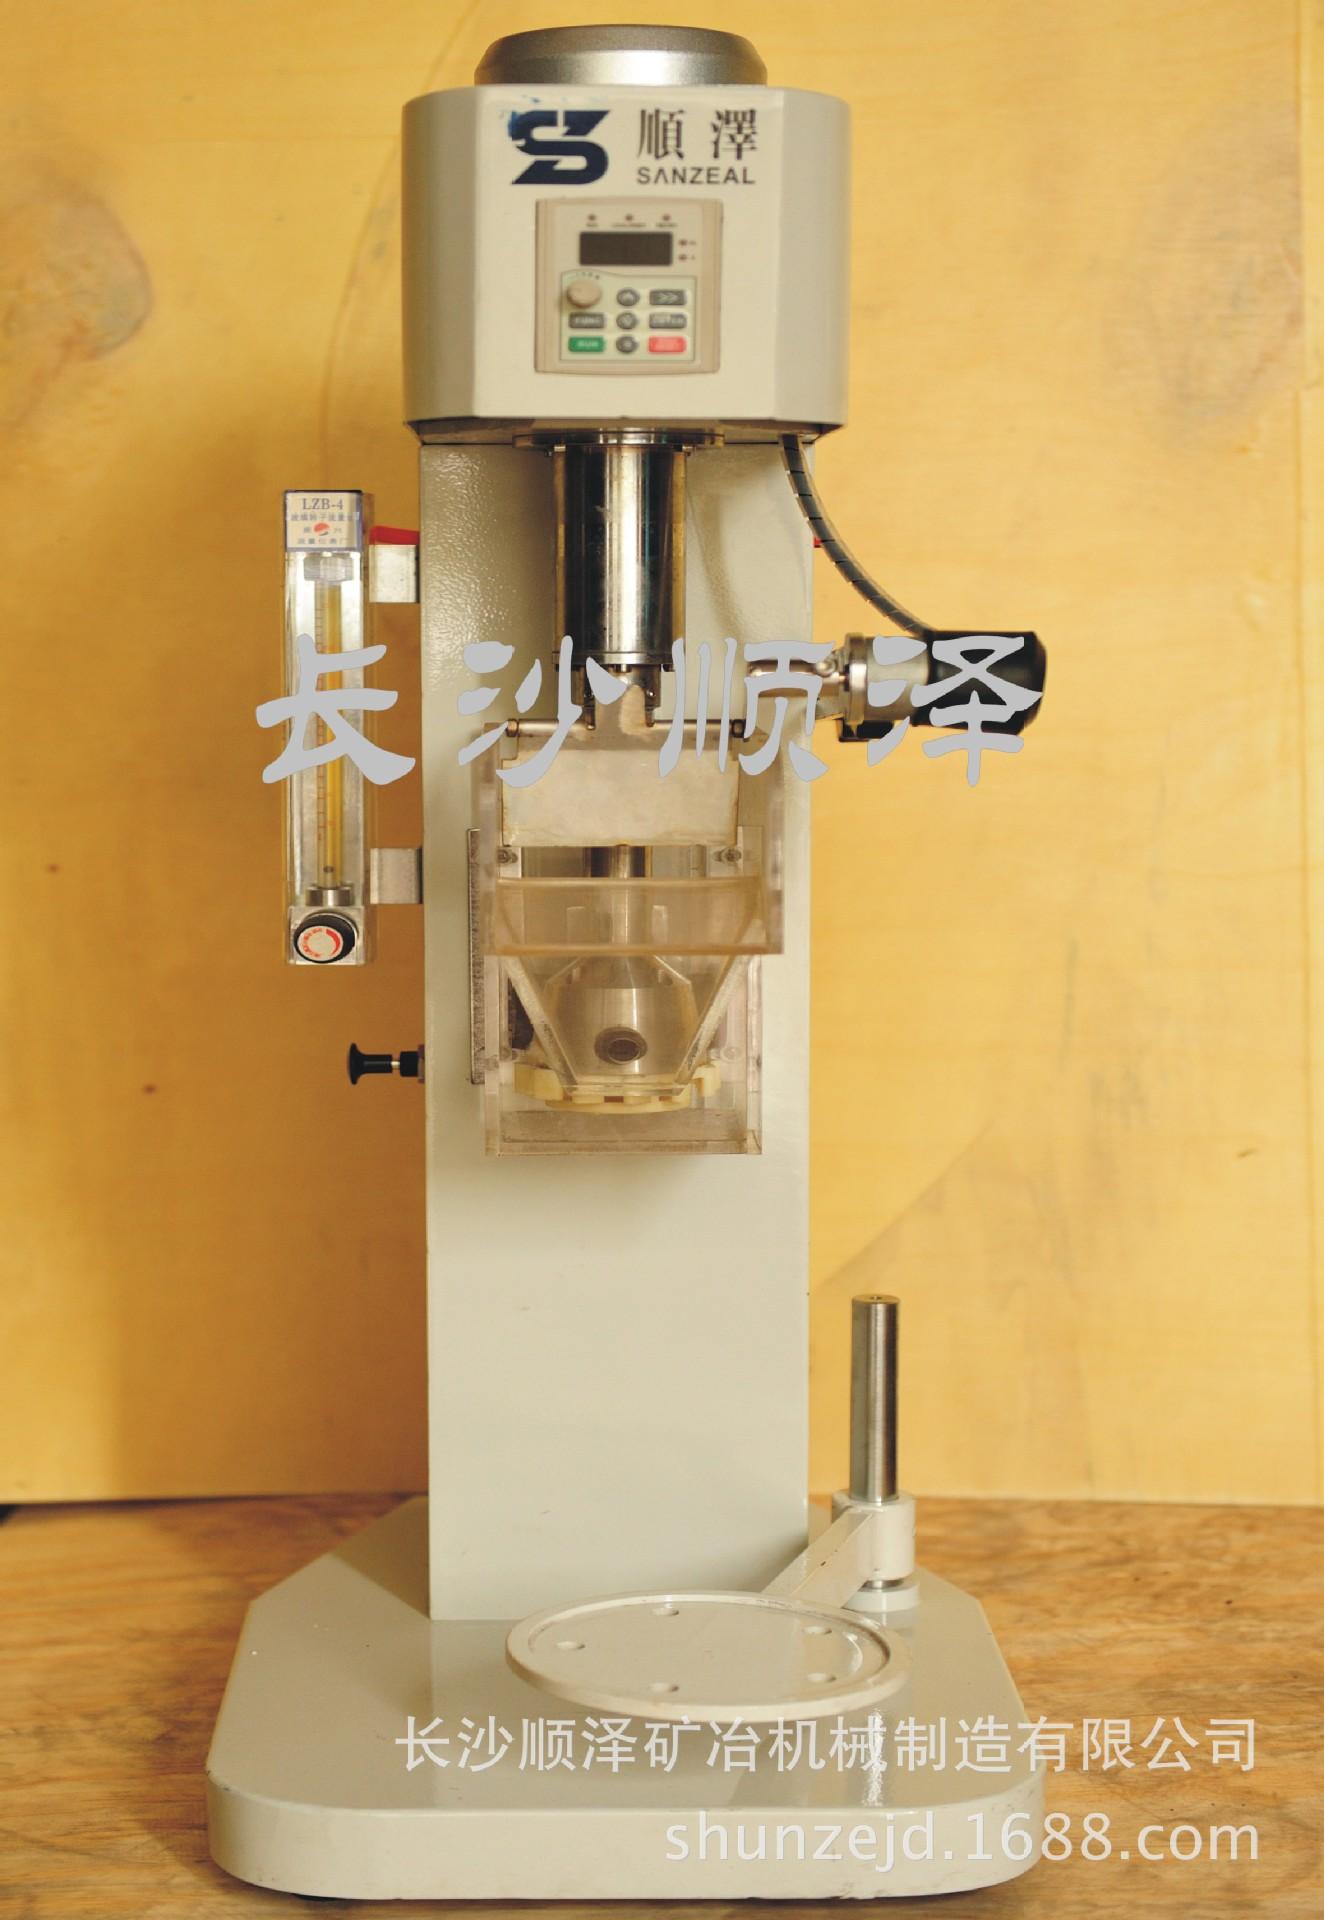 生产单槽浮选机 小型金属浮选机 实验室单槽浮选机 挂槽浮选机